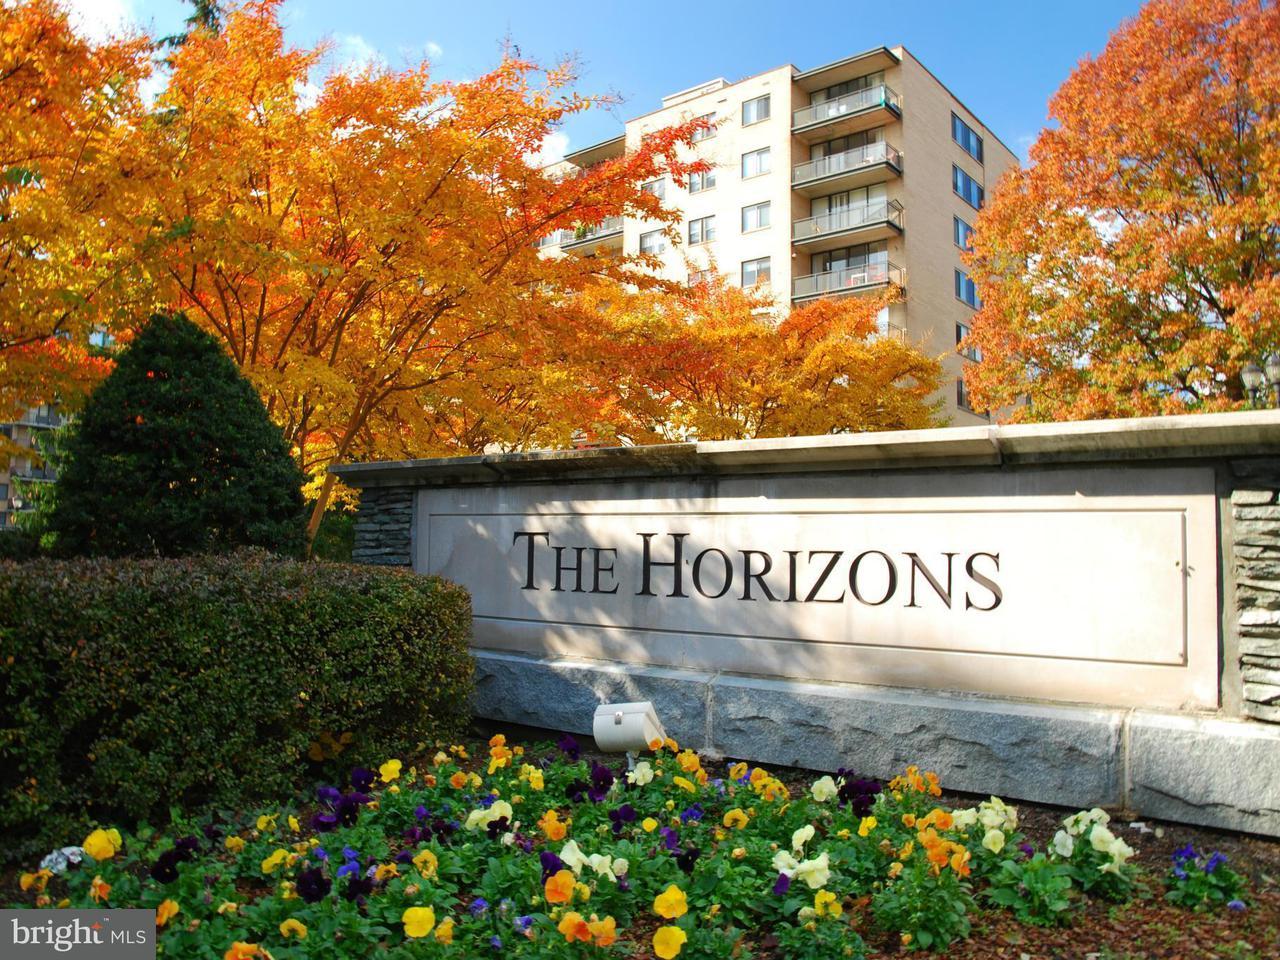 Condominium for Rent at 4320 Old Dominion Dr #002/2 Arlington, Virginia 22207 United States